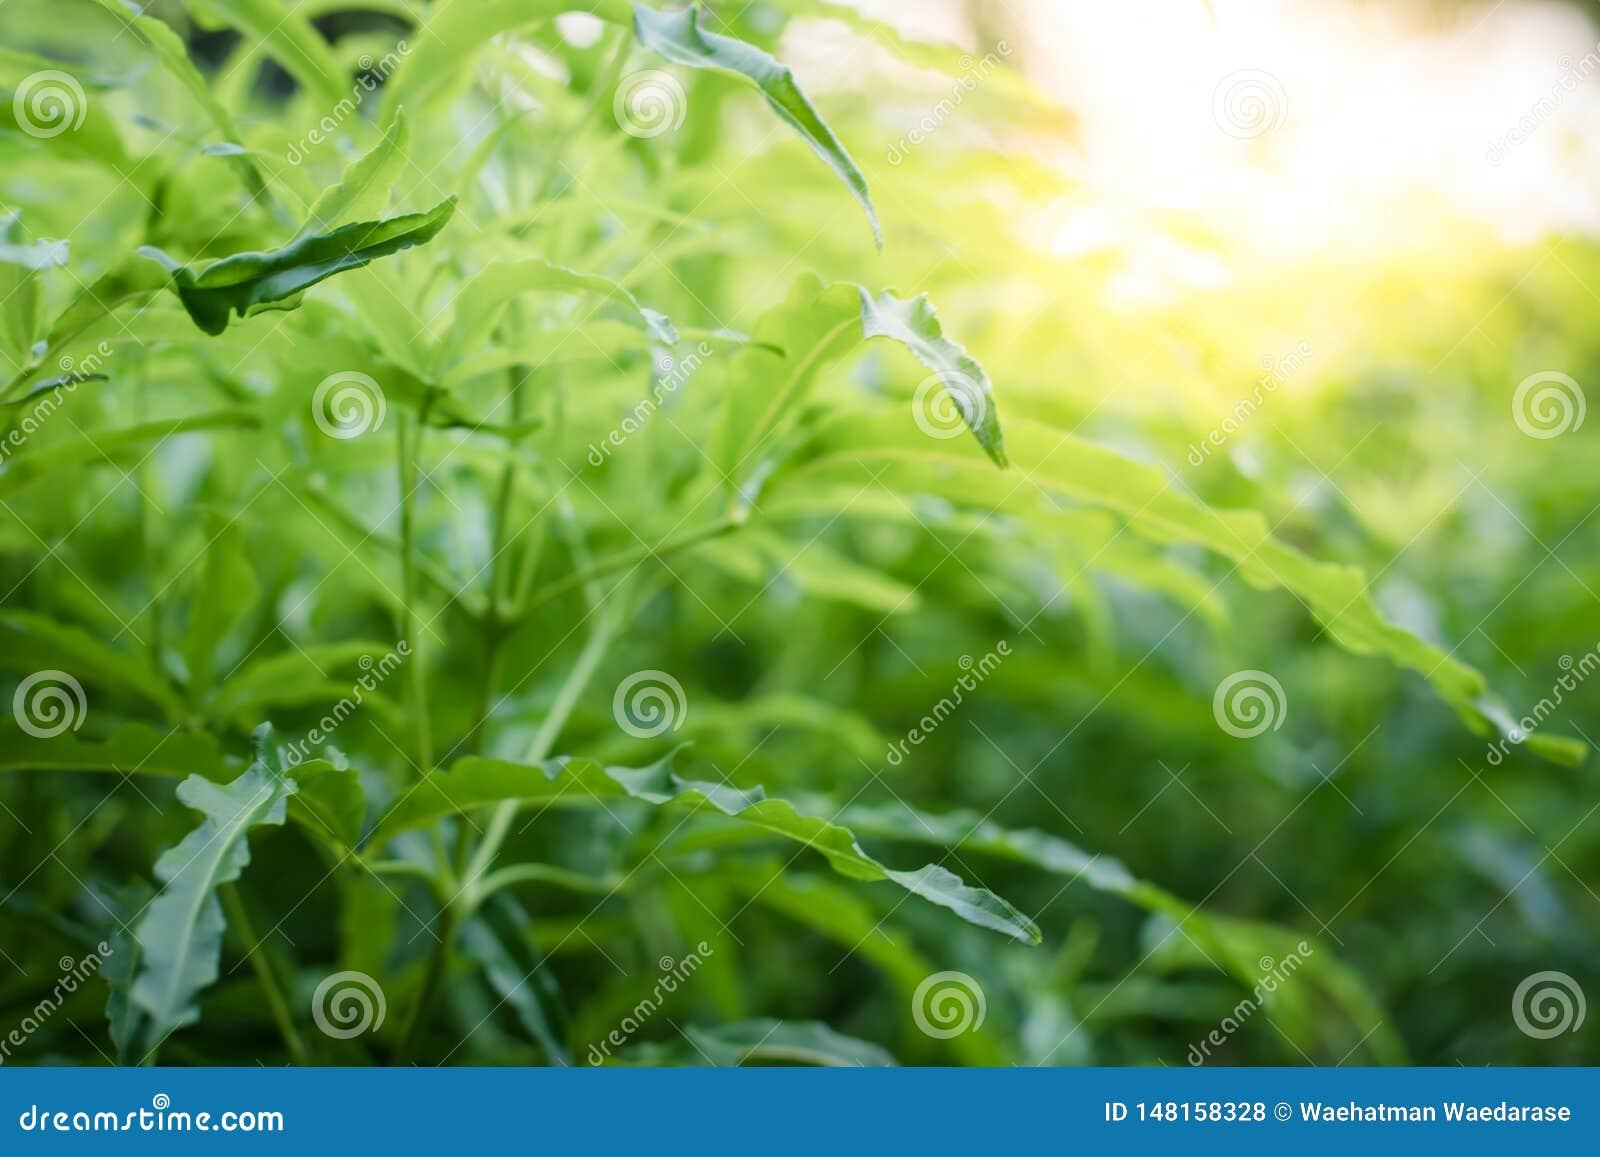 特写镜头绿色叶子自然视图在被弄脏的绿叶的